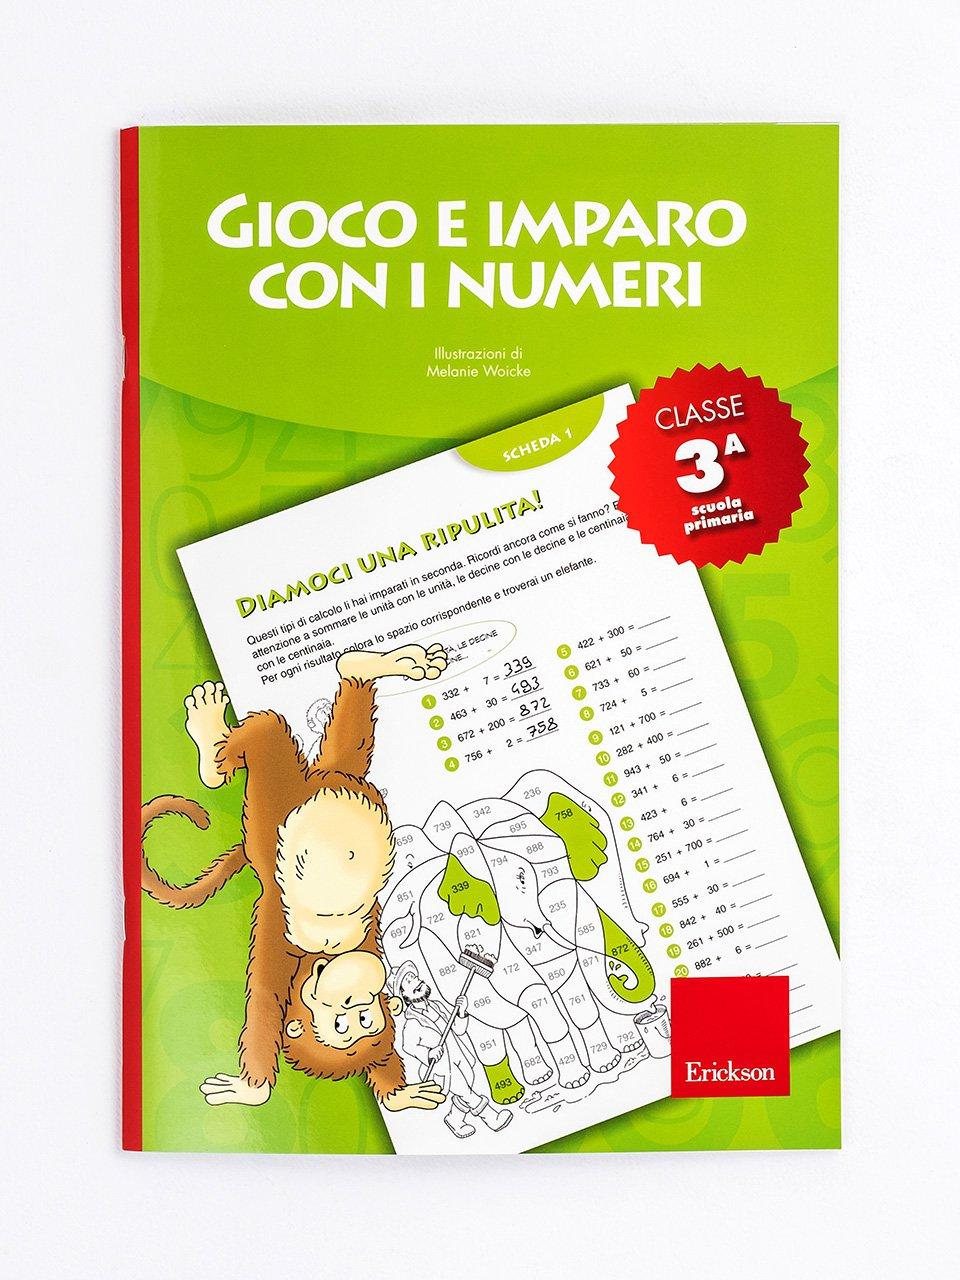 Gioco e imparo con i numeri - CLASSE TERZA - Matematica al volo in quarta - Libri - App e software - Erickson